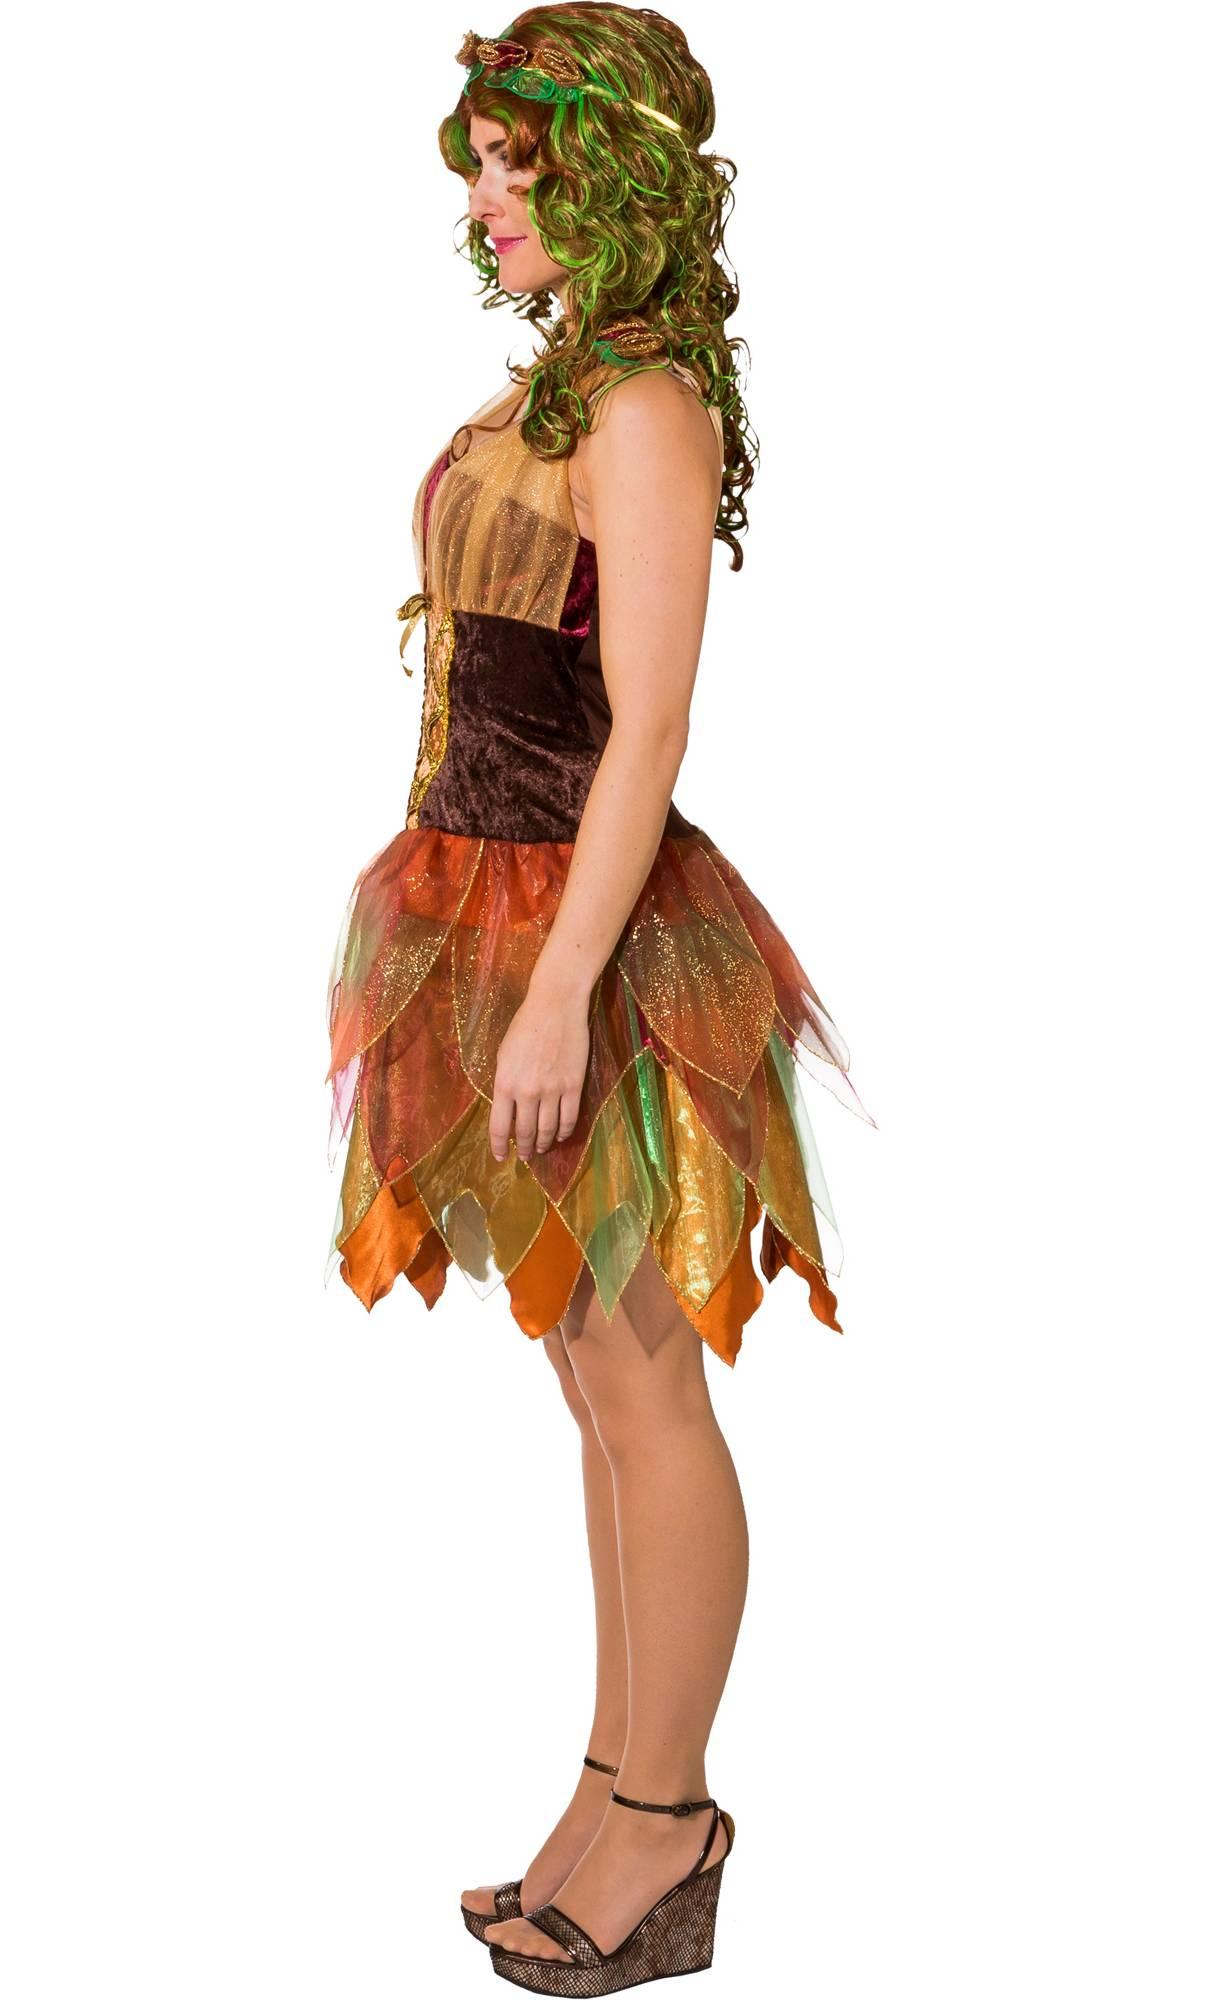 Costume-Elfe-des-bois-2